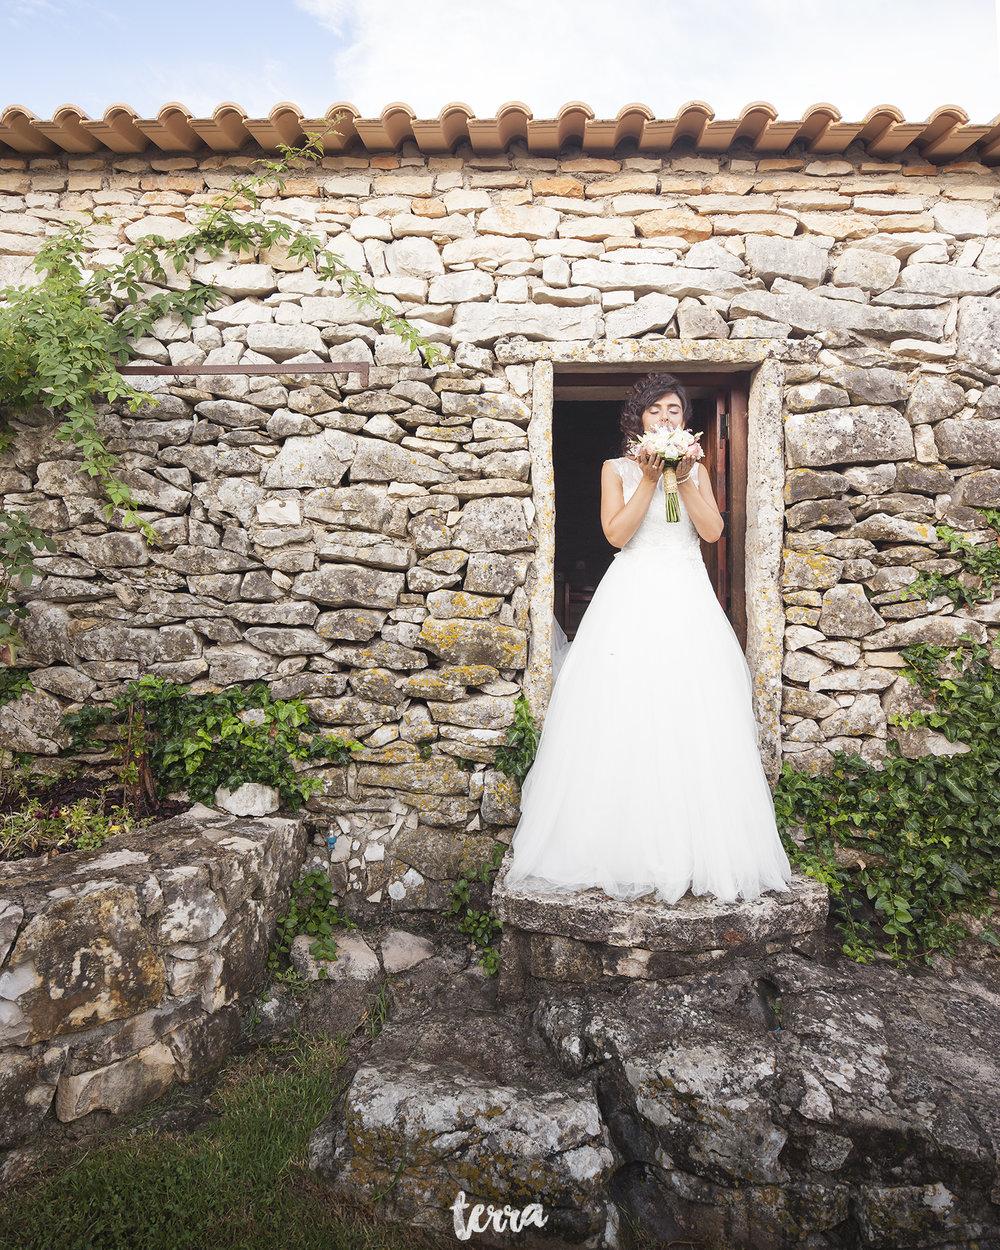 reportagem-casamento-quinta-casalinho-farto-fatima-terra-fotografia-089.jpg